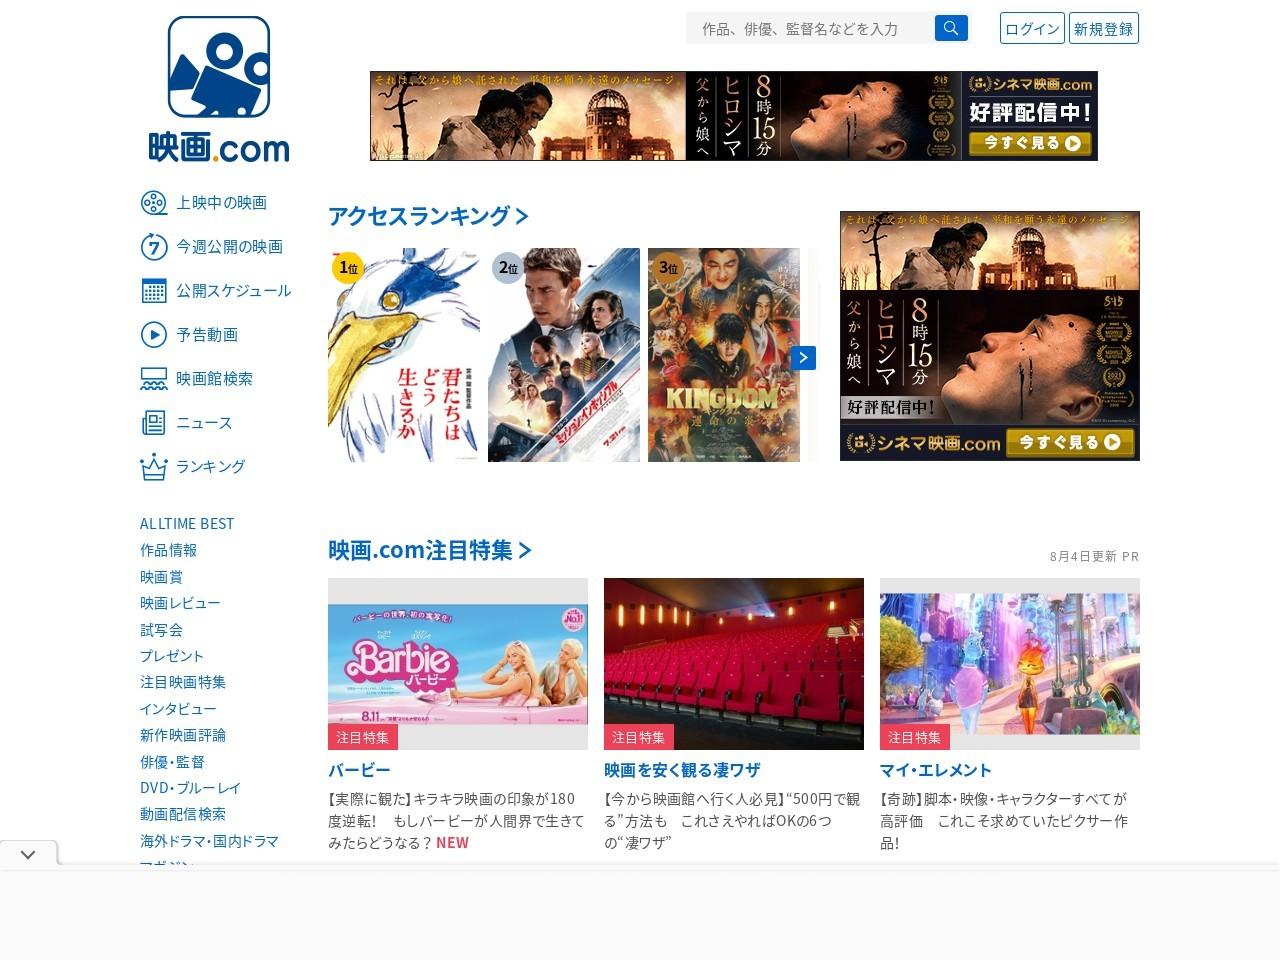 【国内映画ランキング】「ハン・ソロ」首位スタート!「万引き家族」は興収30億突破